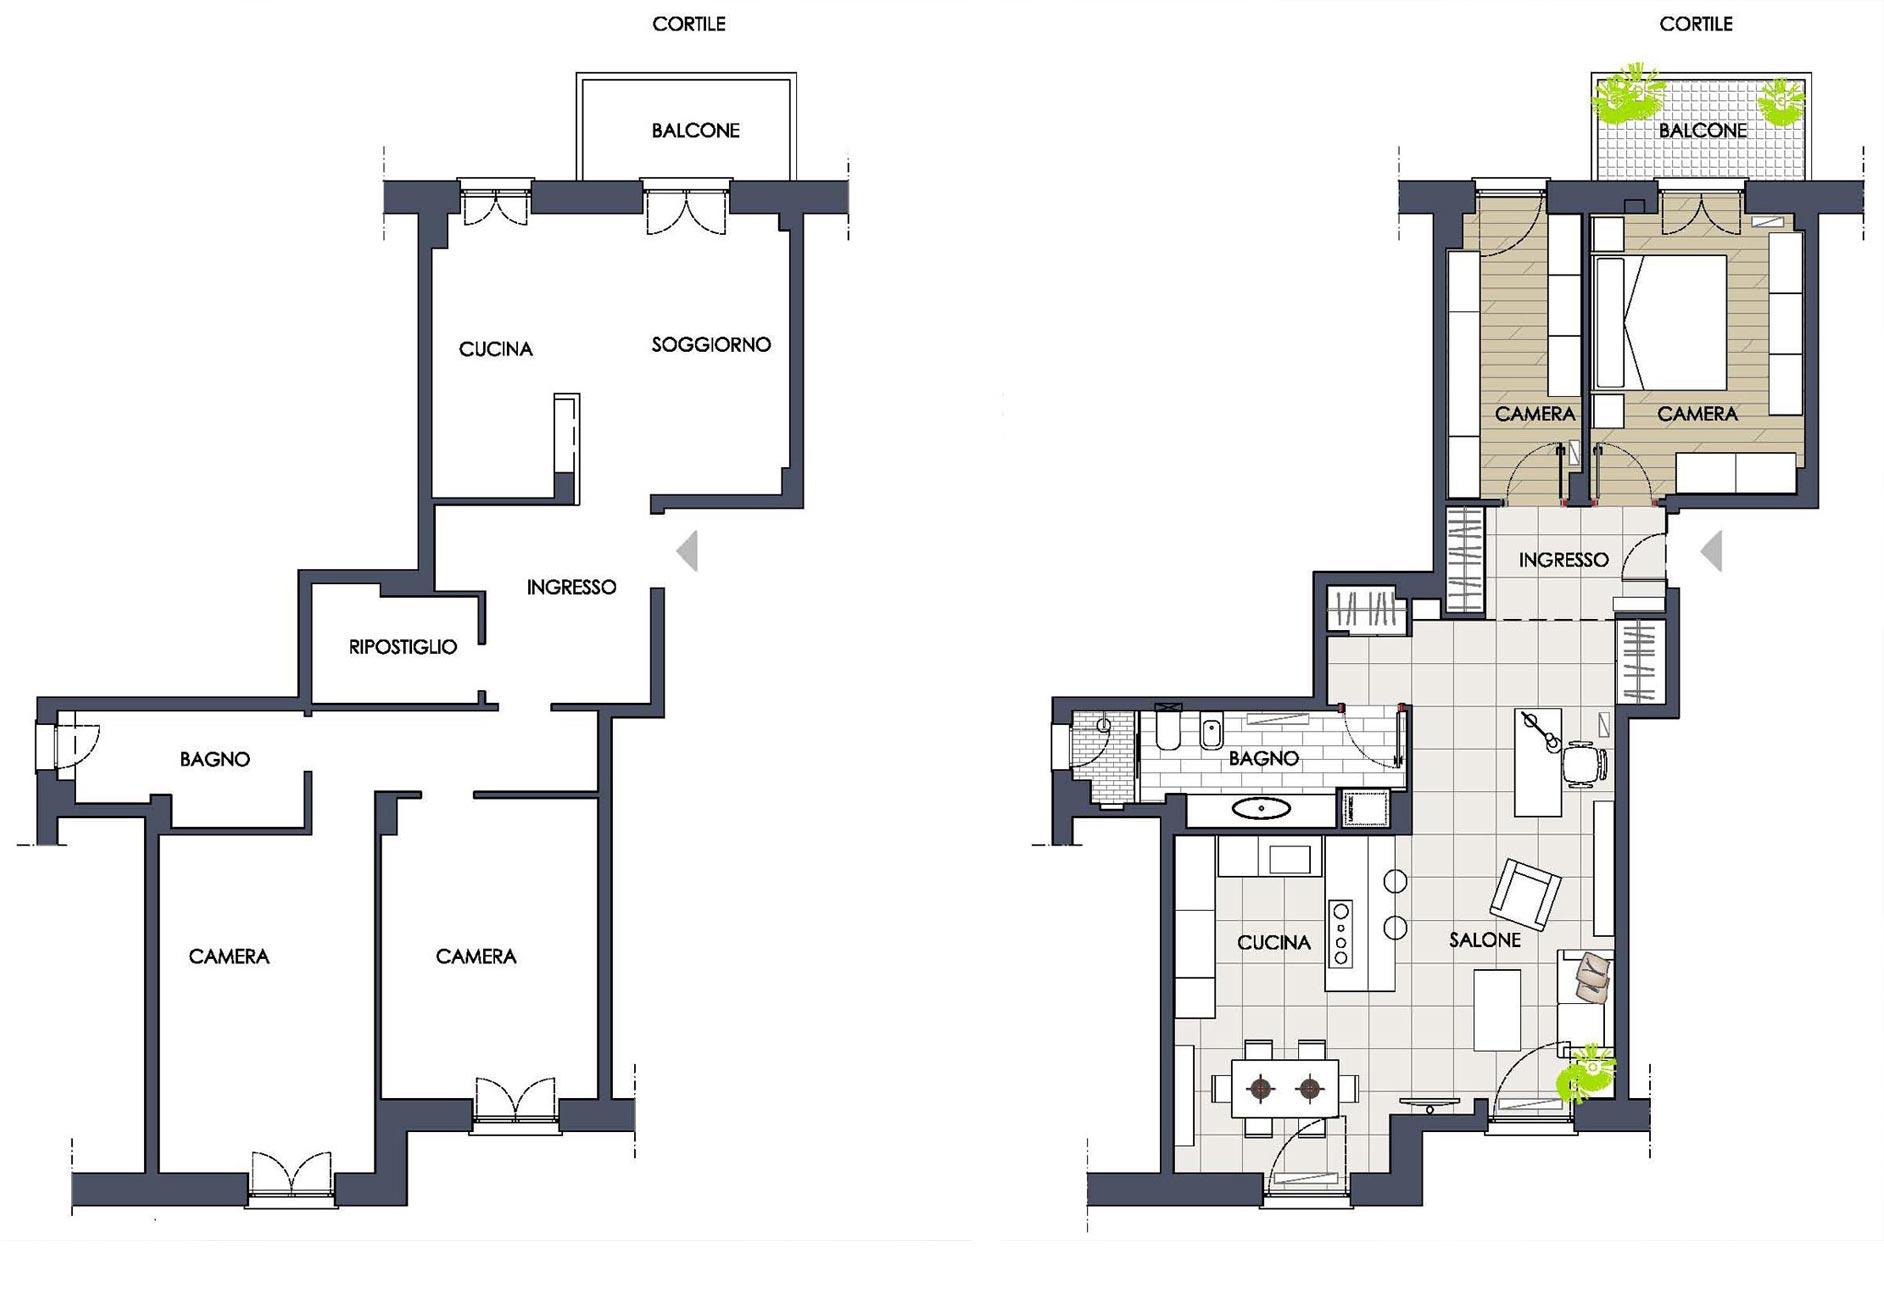 La migliore Quanto Costa Ristrutturare Casa 100 Mq Idee e immagini di ispirazione  ezsrc.com ...